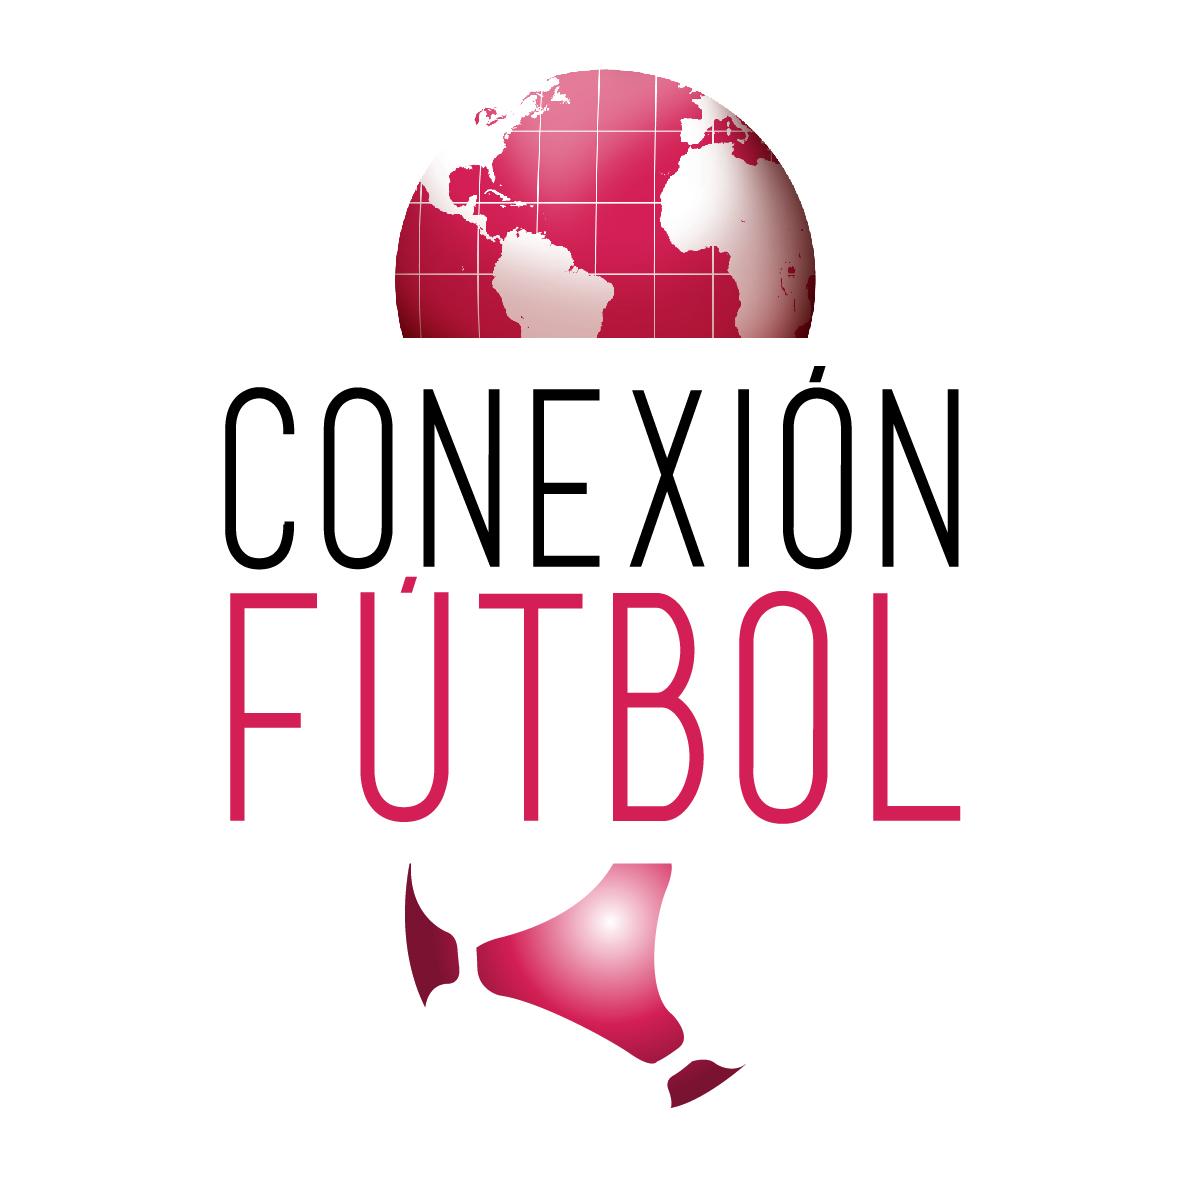 CONEXION FUTBOL